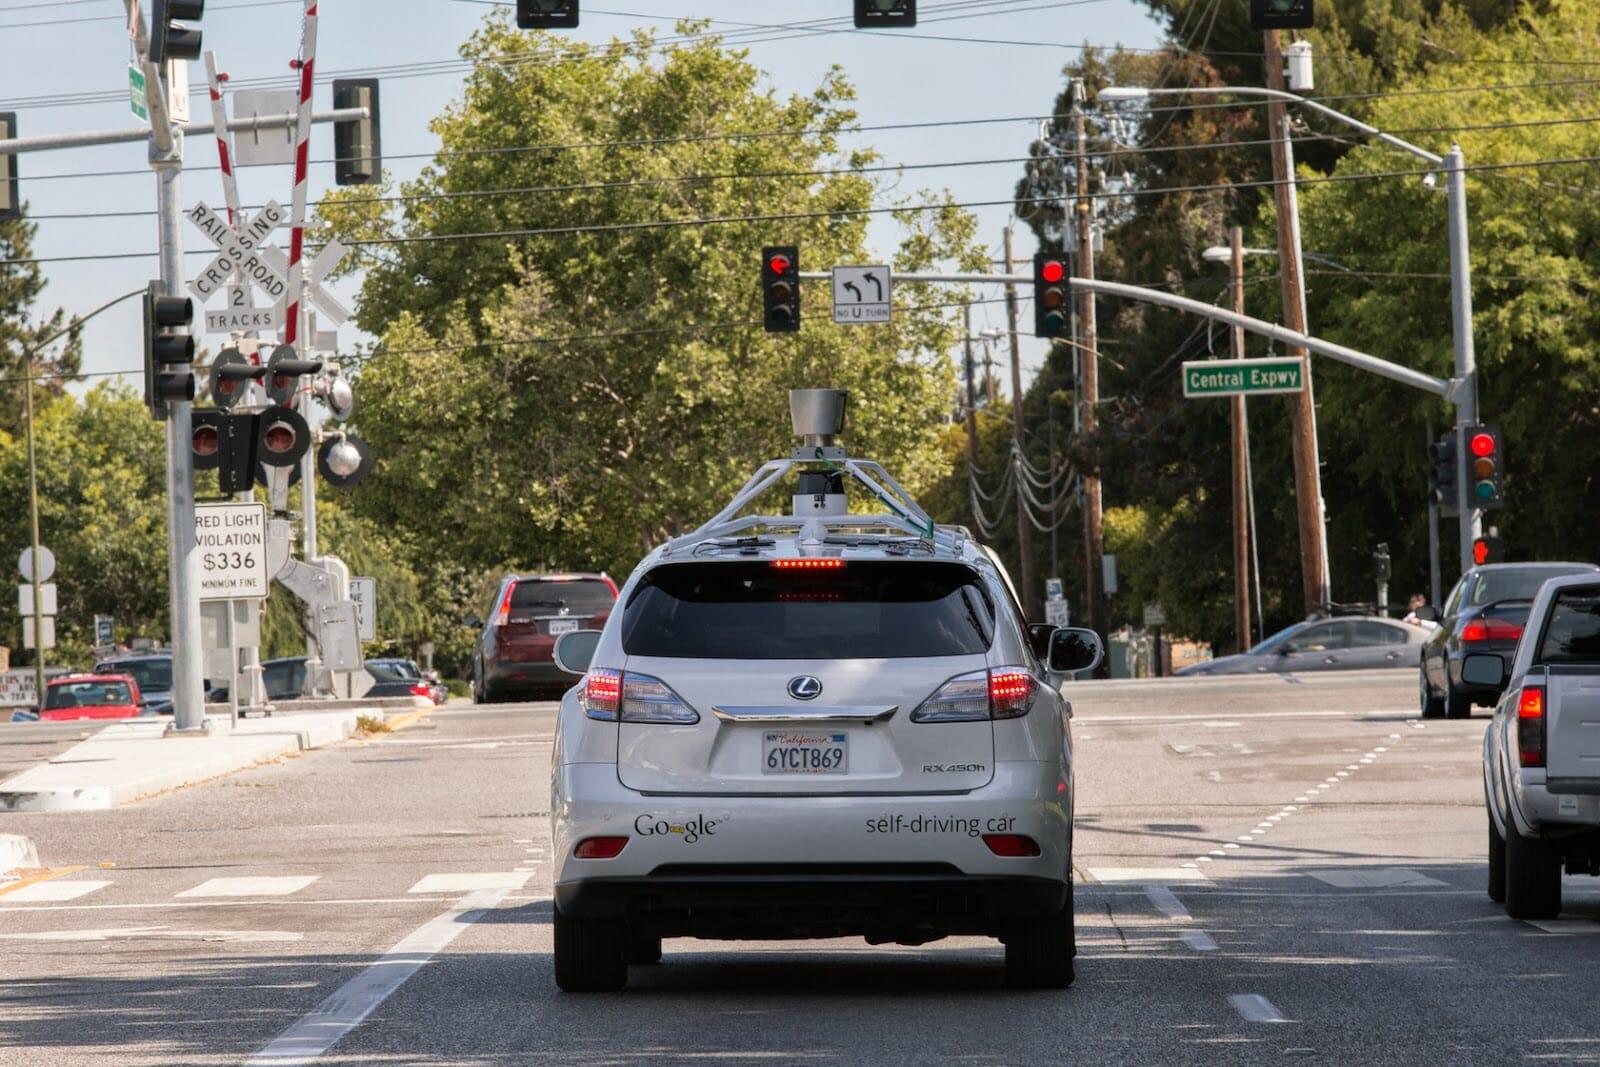 Selbstfahrendes Auto von Google im Stadtverkehr